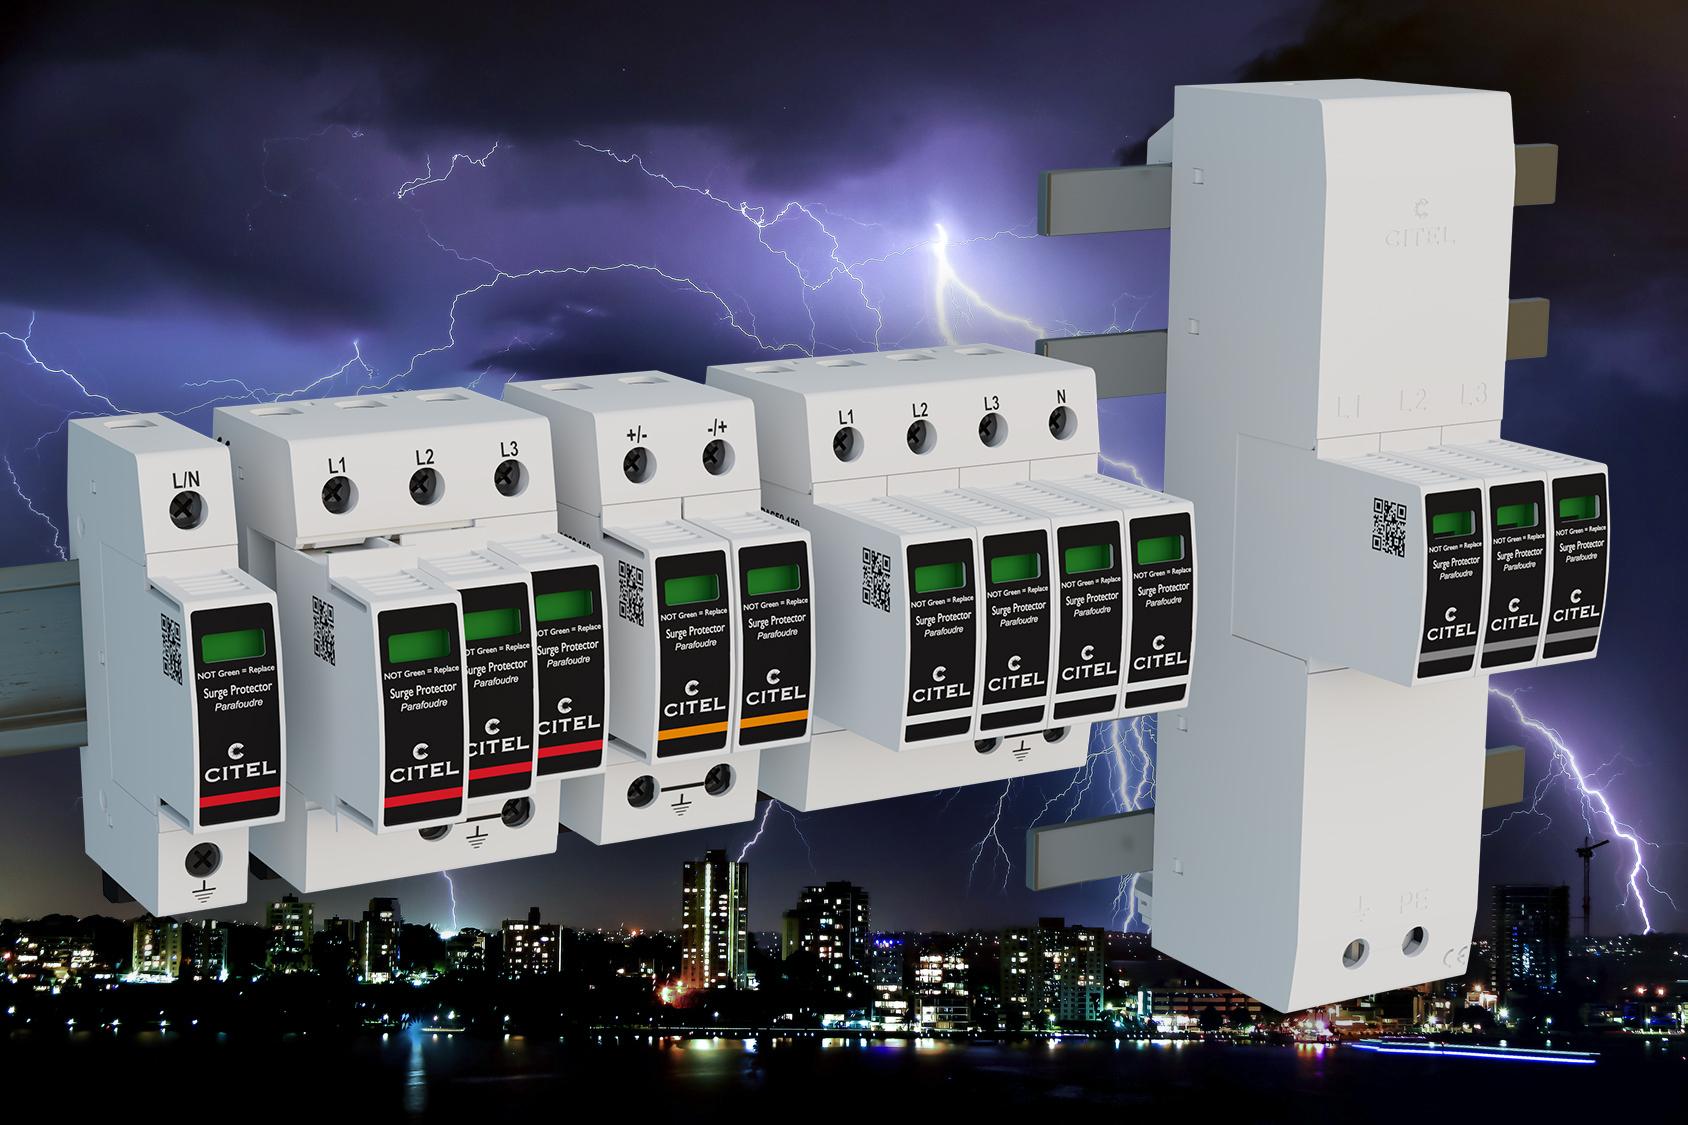 Für alle genormten Verteiler und Schaltschränke geeignet, schützen die neu entwickelten SPDs von Citel Industrie-, Mobilfunk- und Photovoltaikanlagen. (Bild: Citel Electronics GmbH)